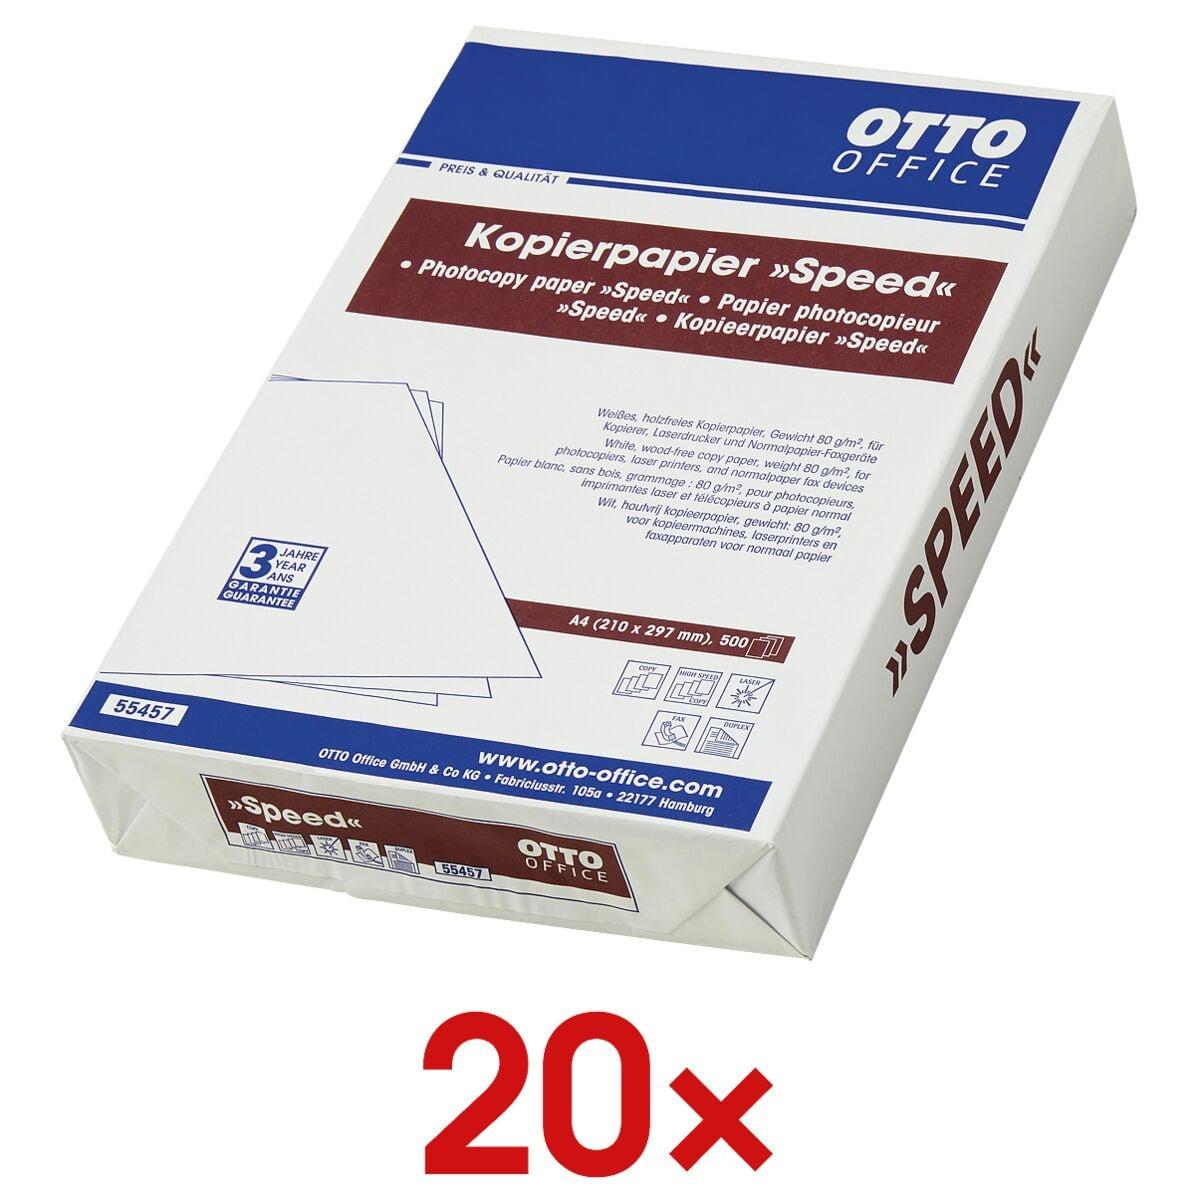 20x Kopierpapier A4 OTTO Office SPEED - 10000 Blatt gesamt, 80g/qm